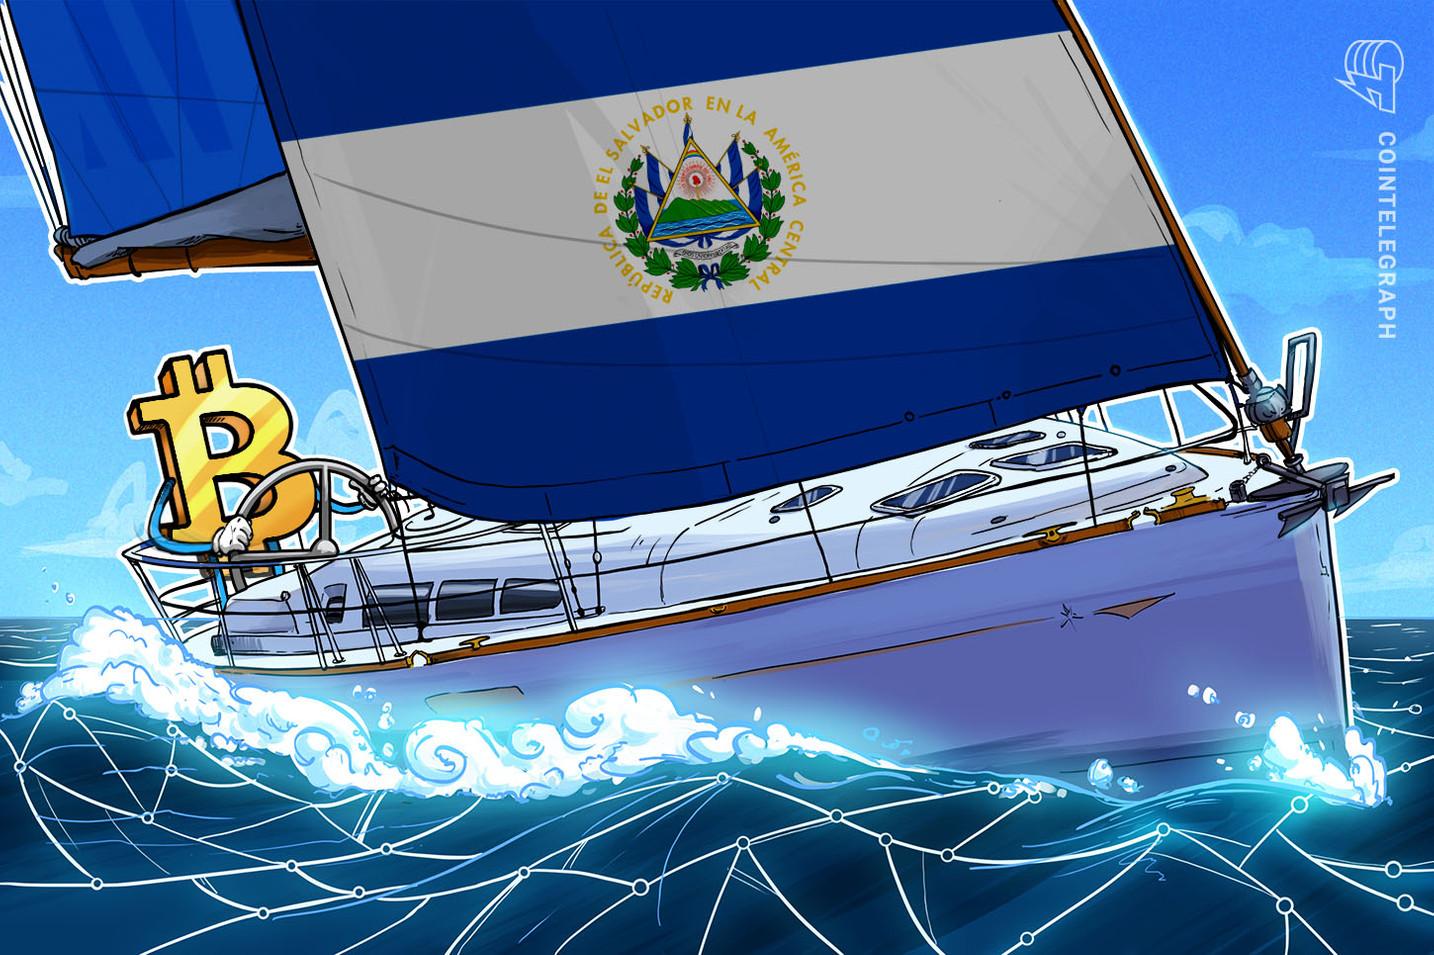 El Salvador compra os primeiros 200 BTC, confirma o presidente Bukele